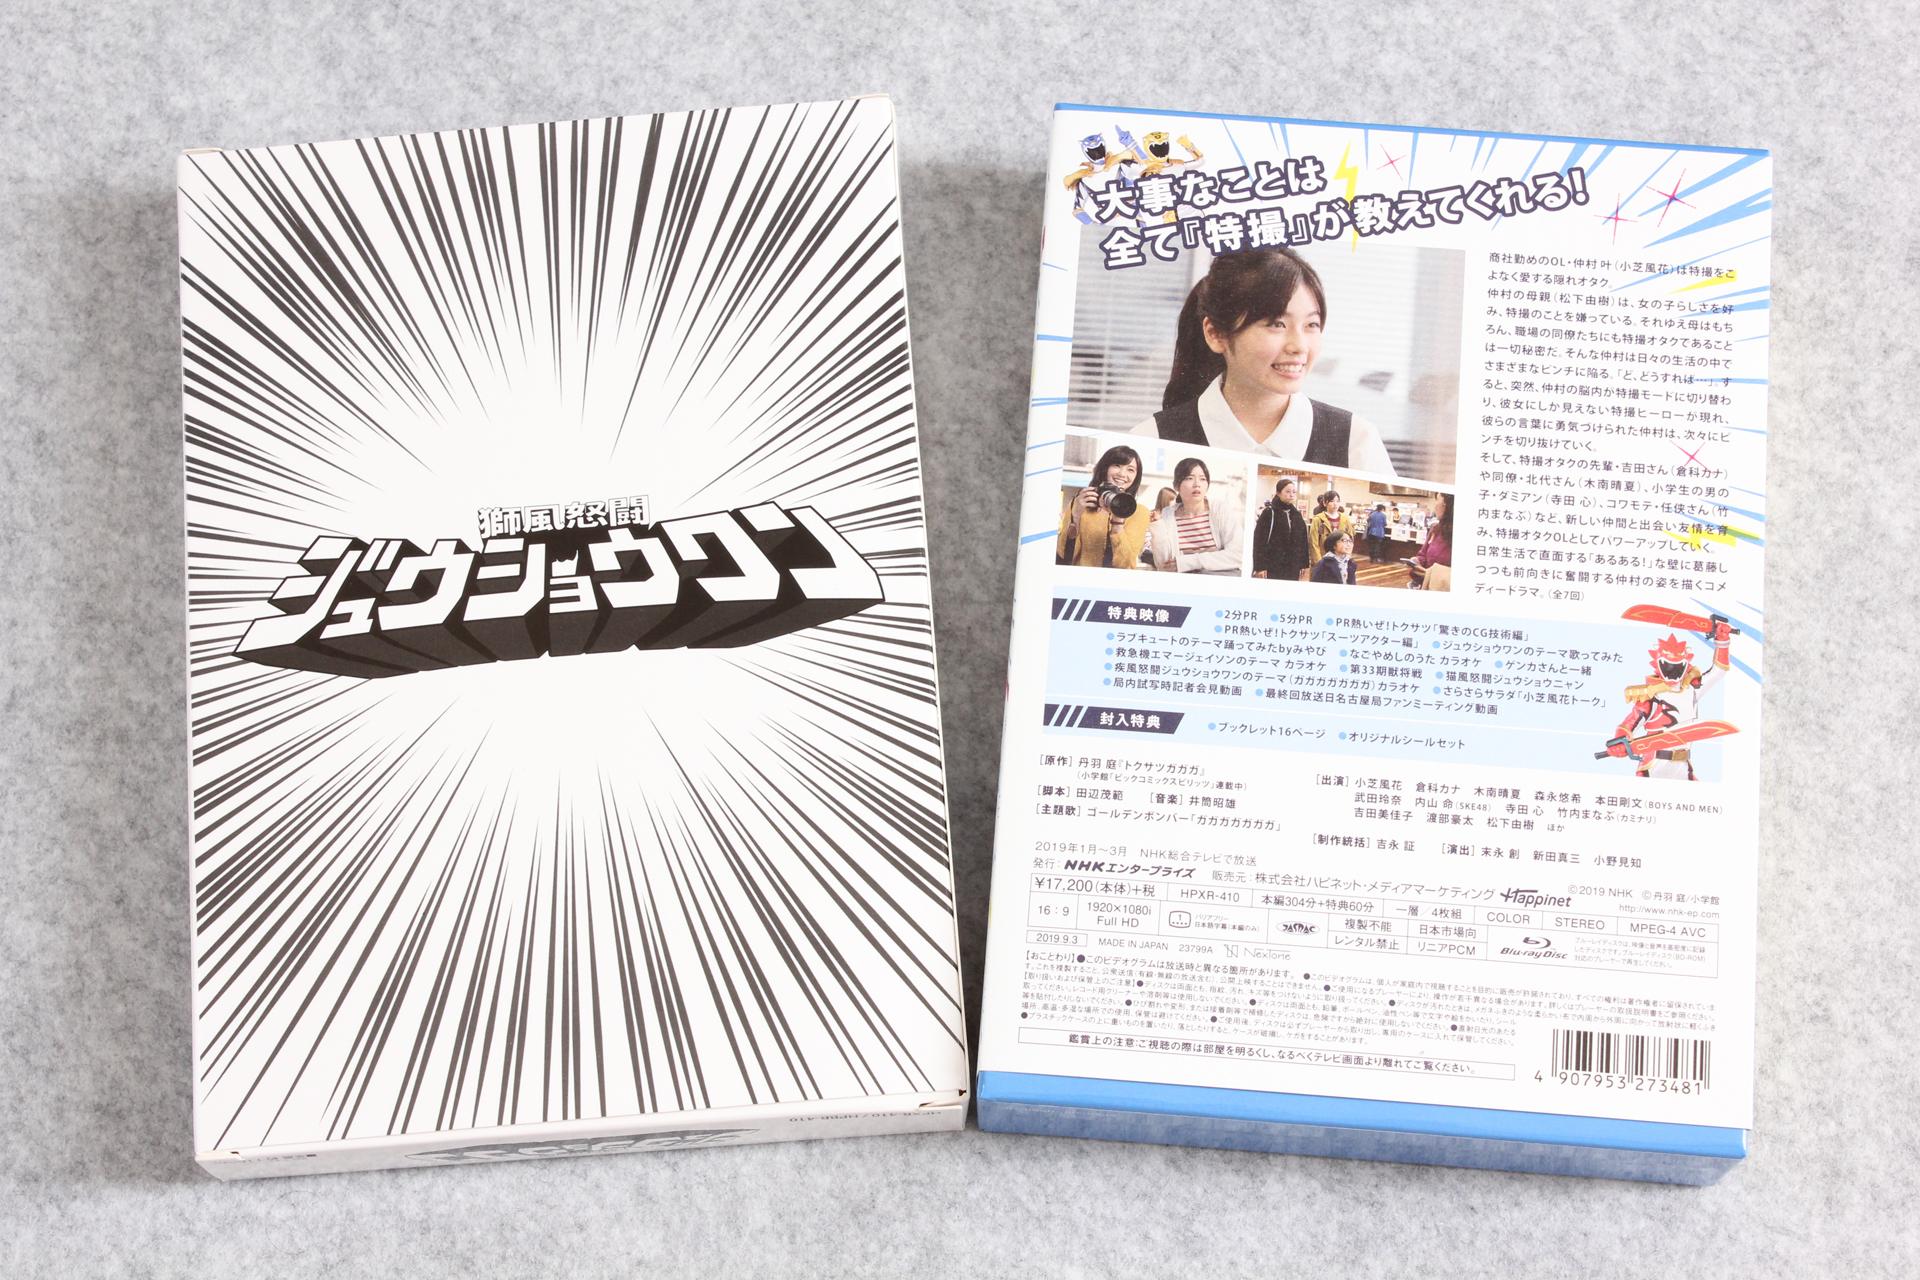 2019-09-02-TOKUSATSUGAGAGA-BD-06.JPG